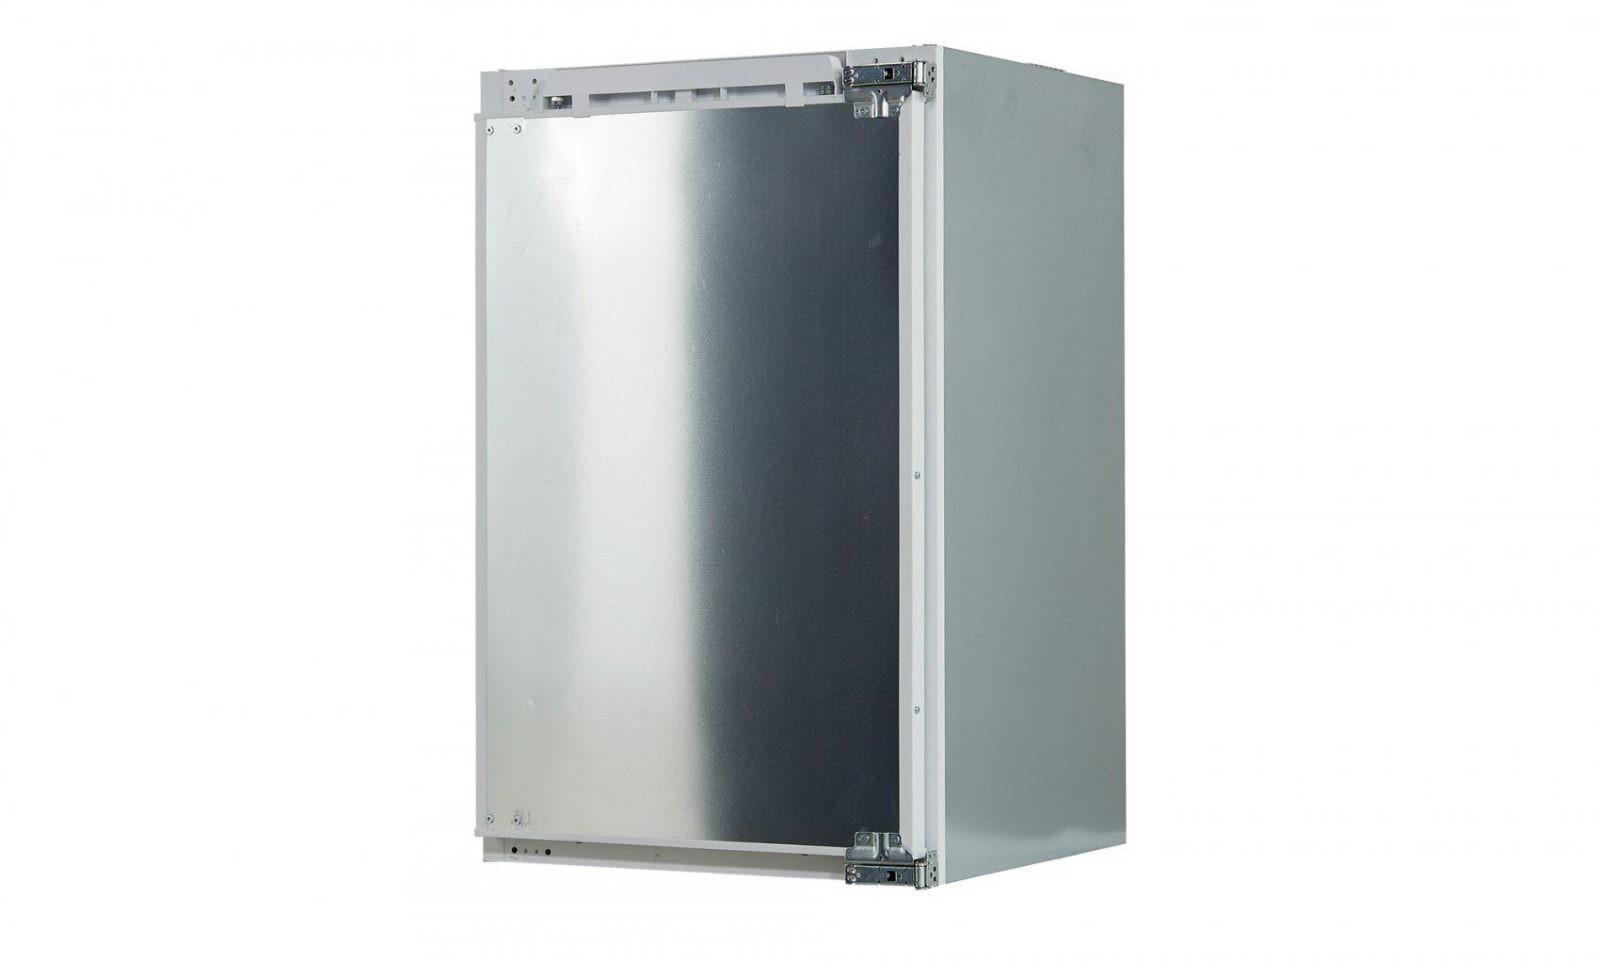 Siemens Einbaukühlschrank Ki 22 Lad 40  Bei Möbel Kraft Online Kaufen von Kühlschrank 55 Cm Breit Bild